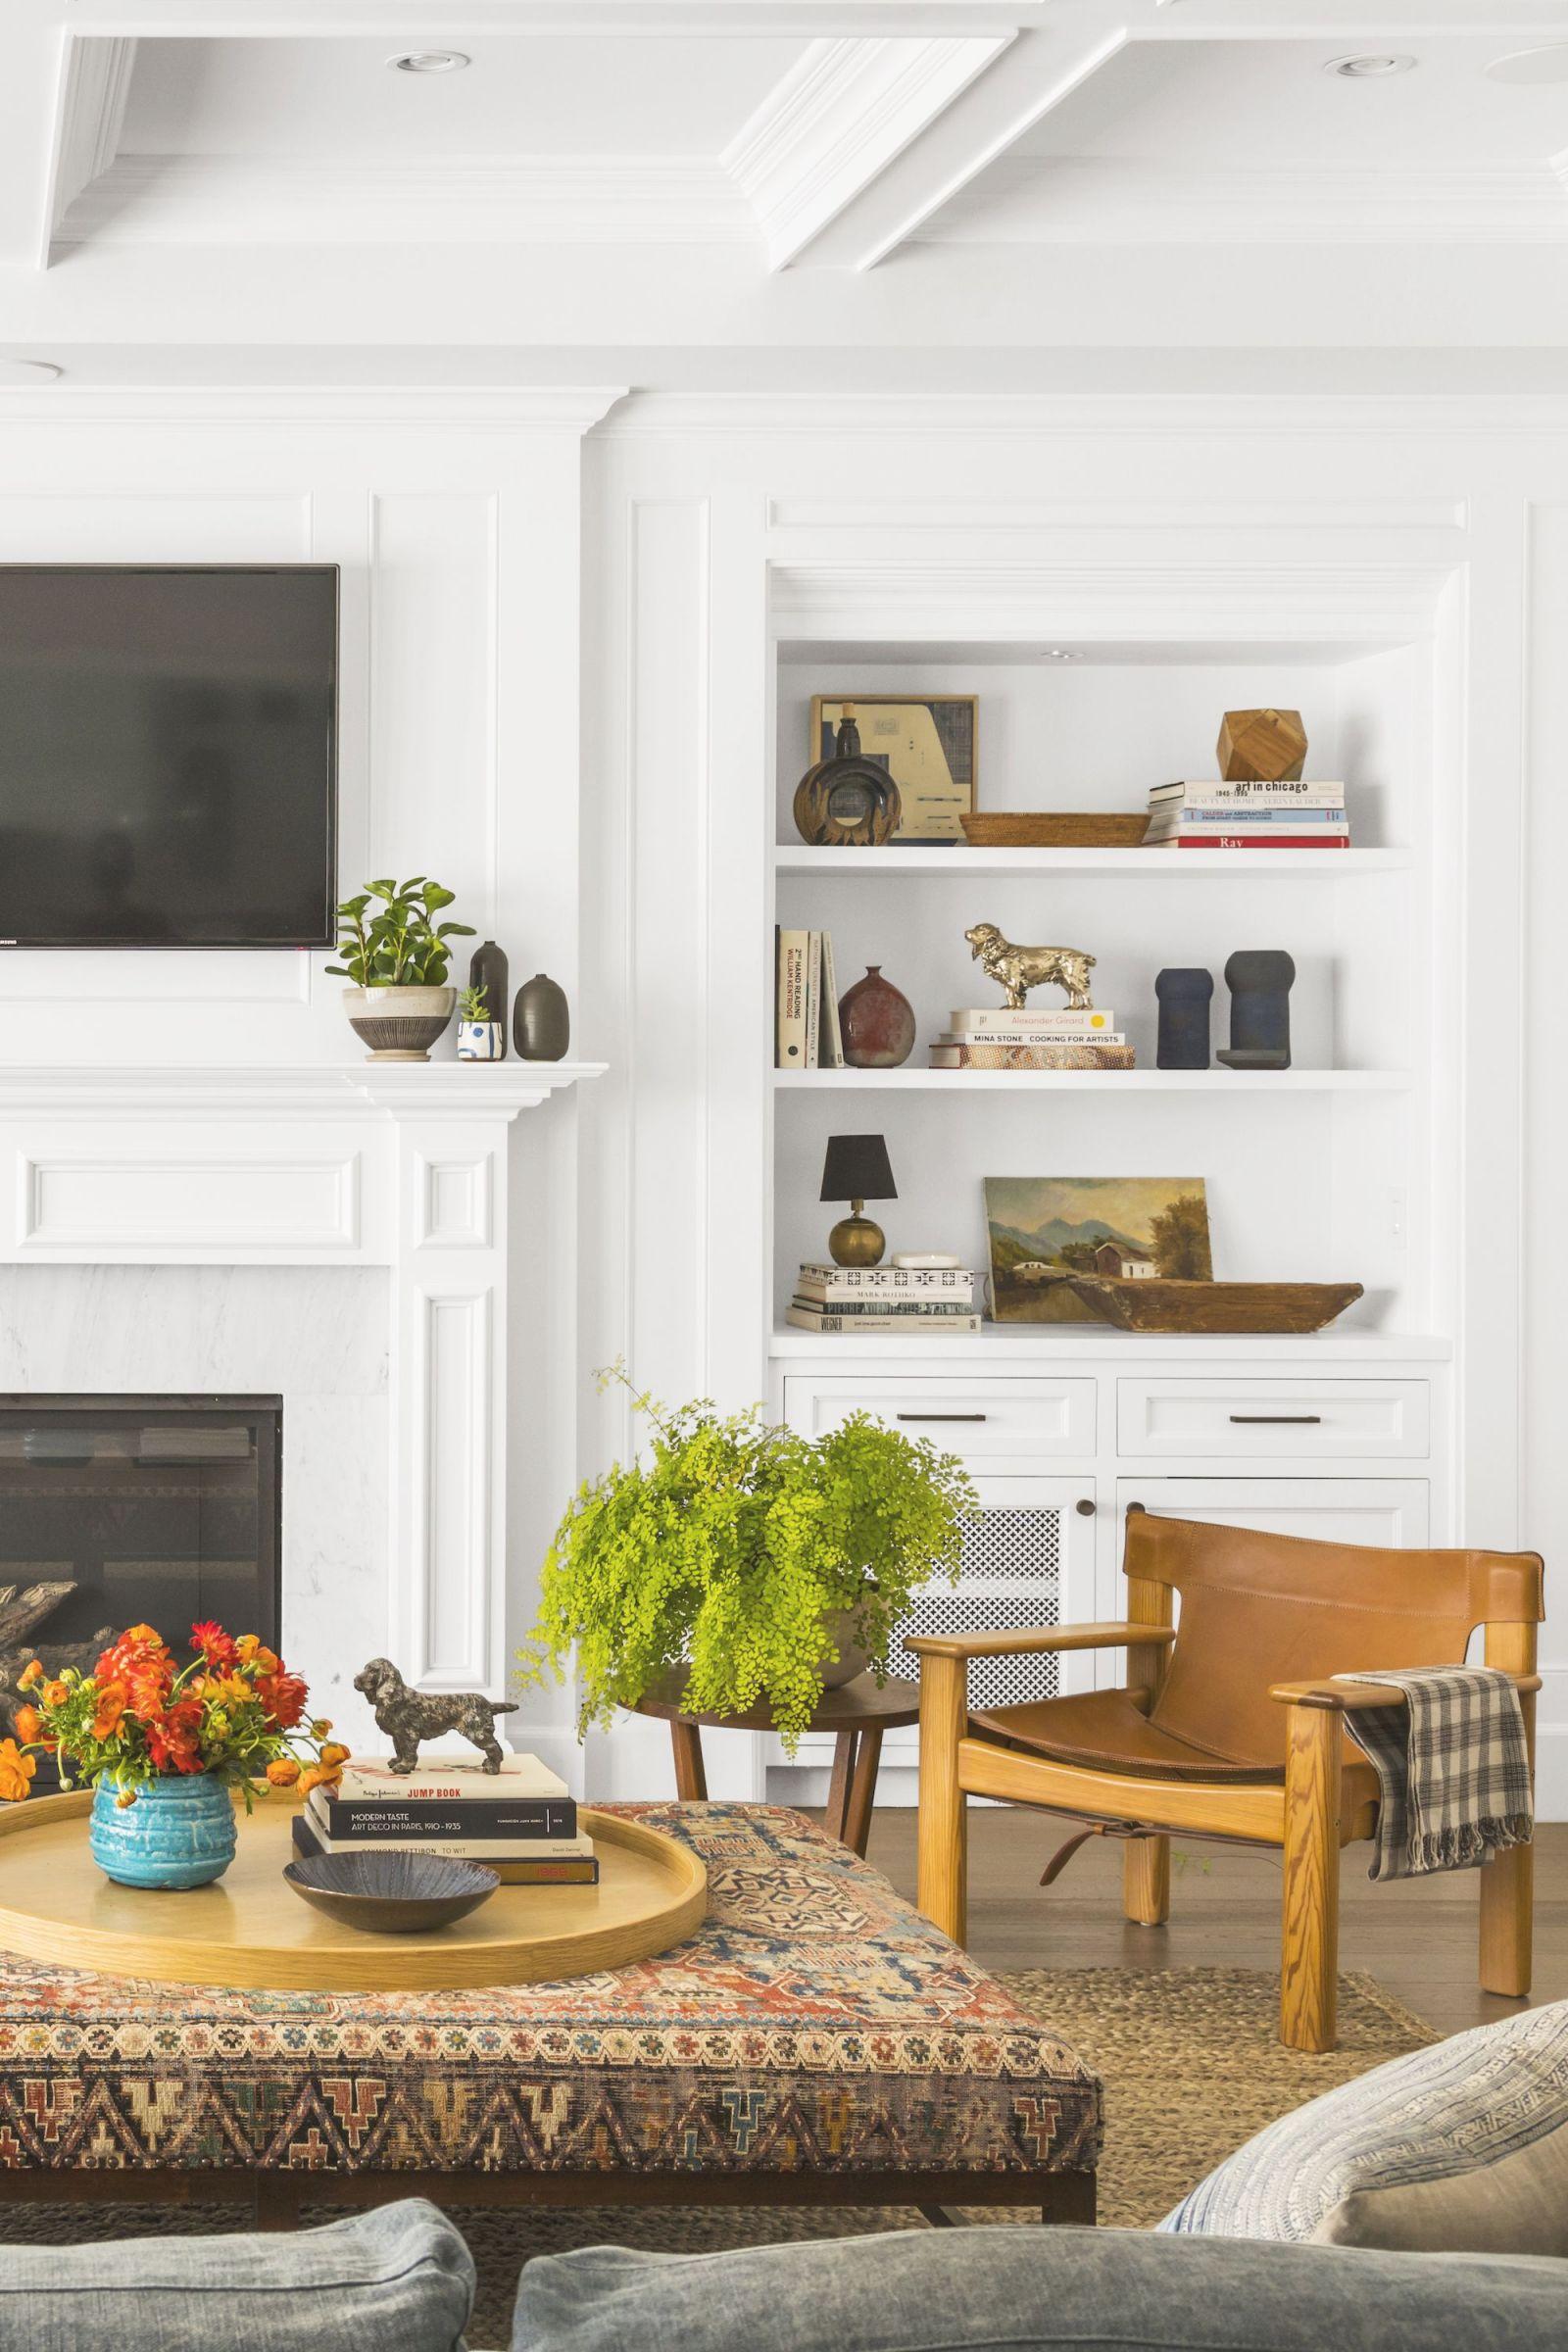 53 Best Living Room Ideas - Stylish Living Room Decorating inside Home Decorating Ideas Small Living Room